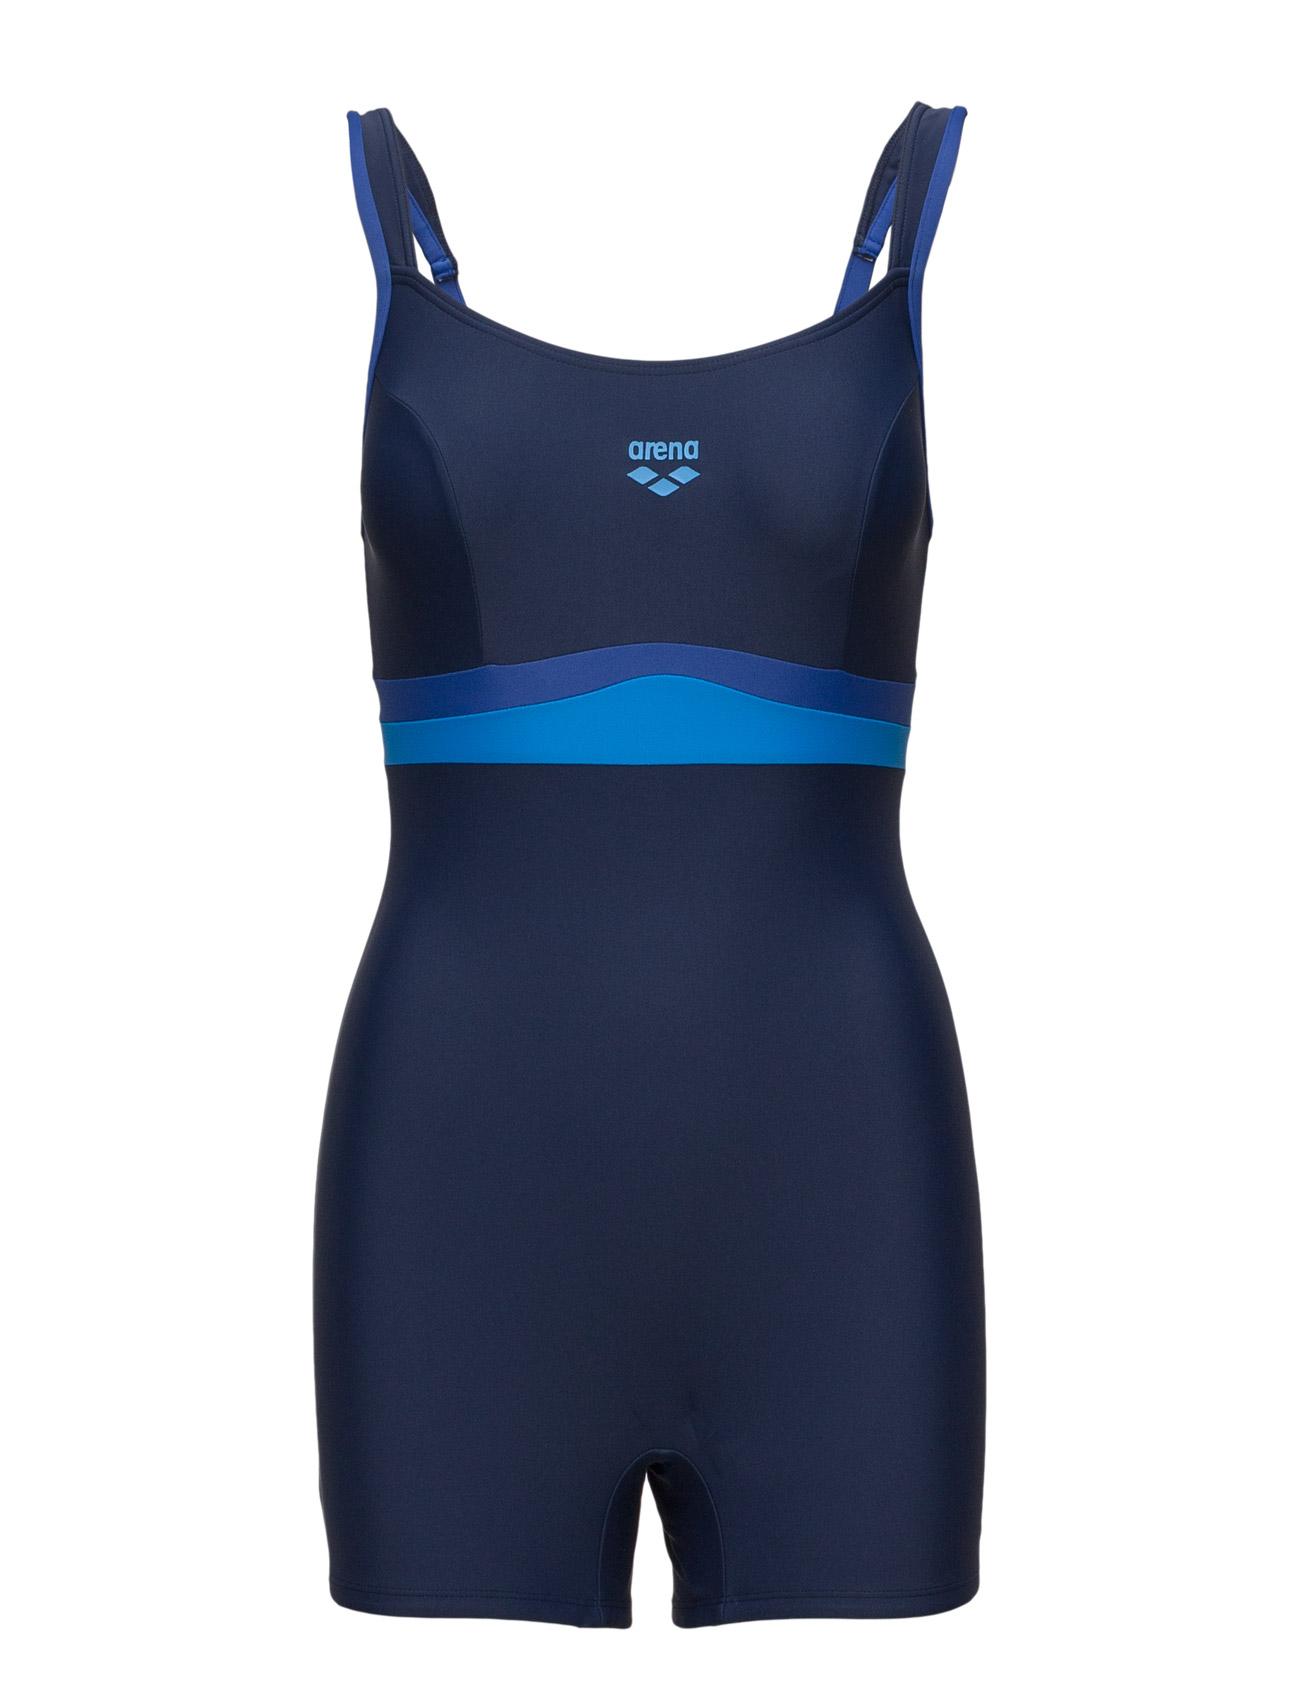 Celebrity Arena Sports badetøj til Damer i